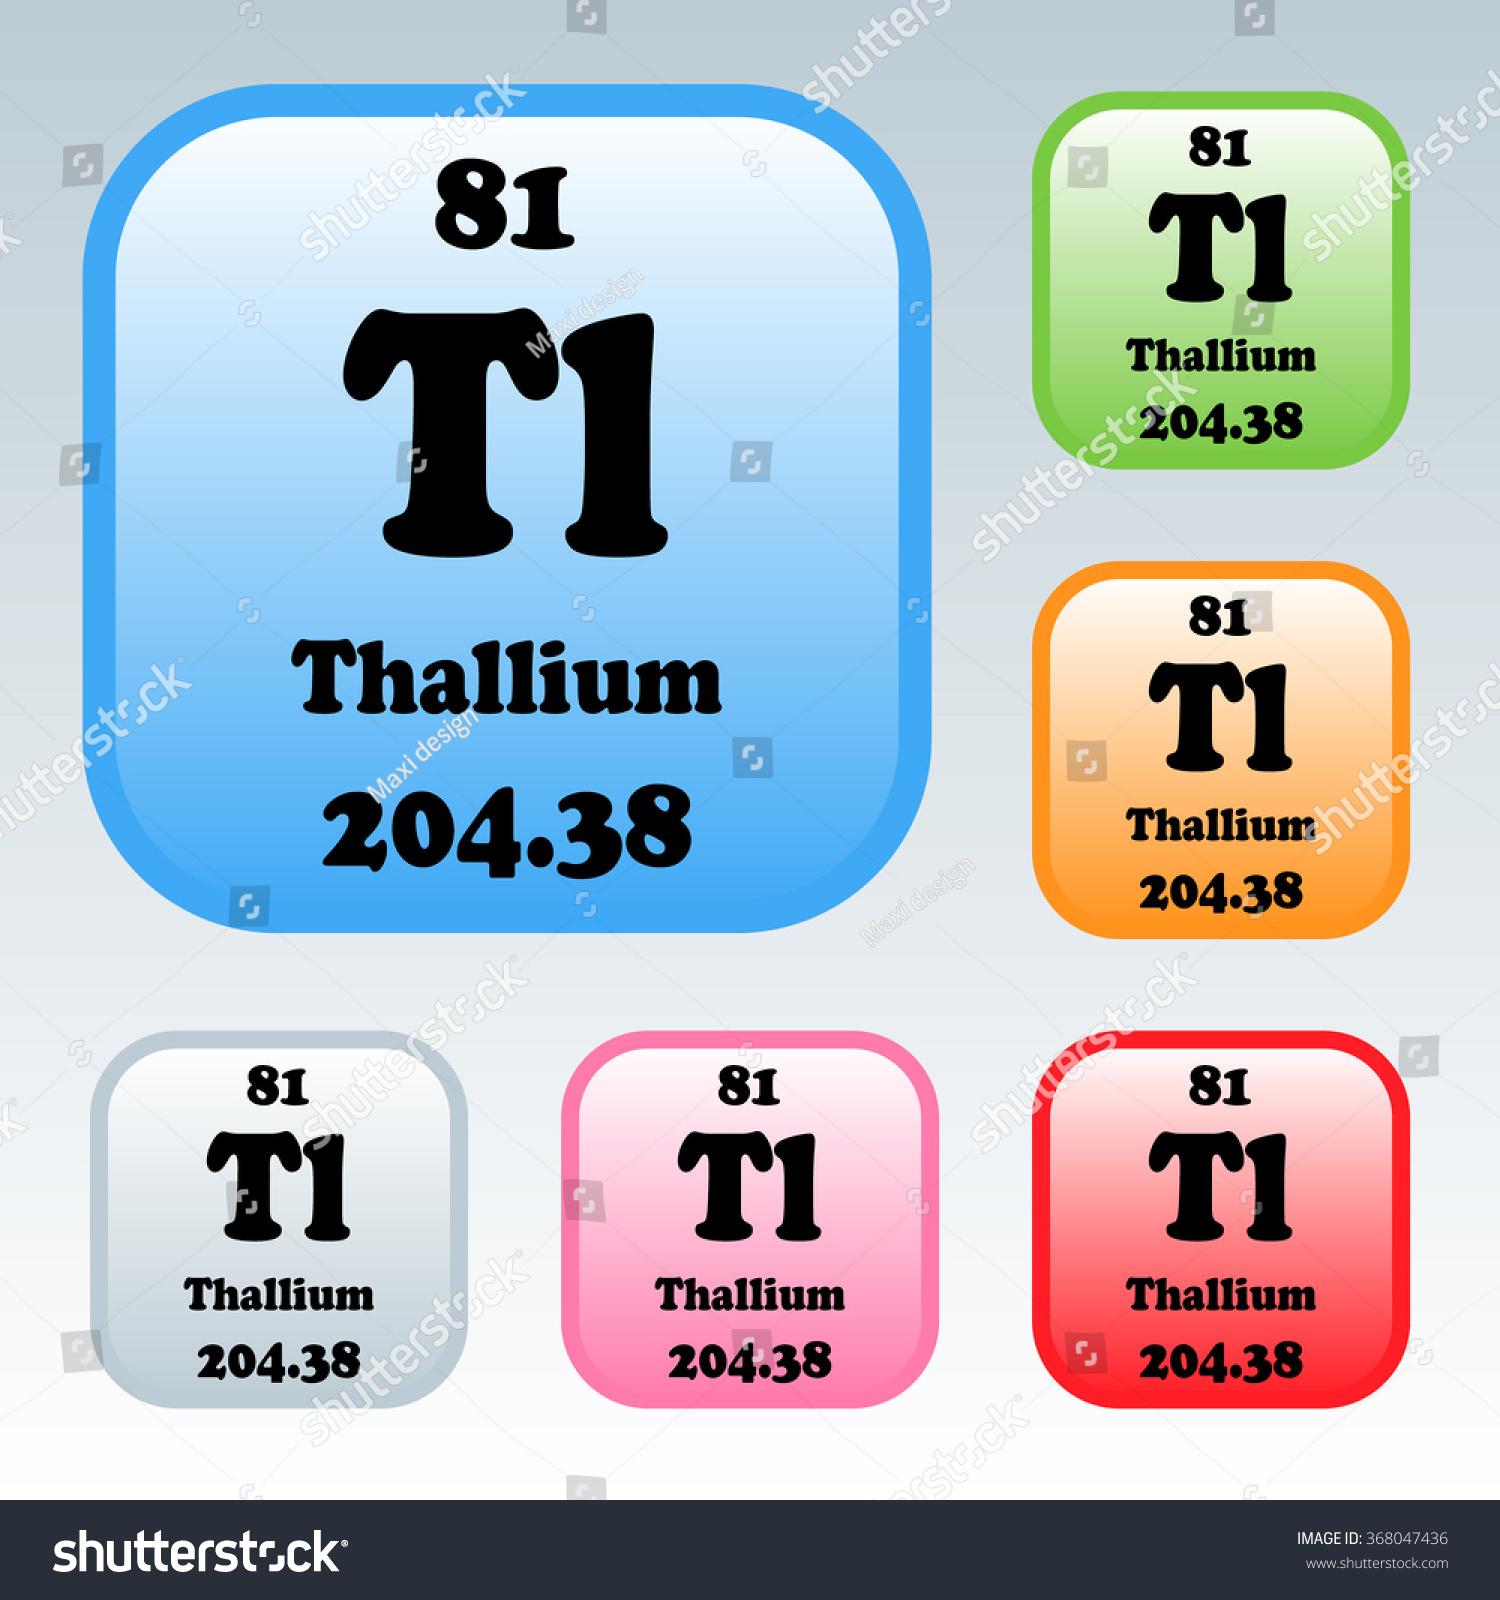 Periodic table thallium images periodic table images periodic table thallium image collections periodic table images periodic table thallium image collections periodic table images gamestrikefo Images